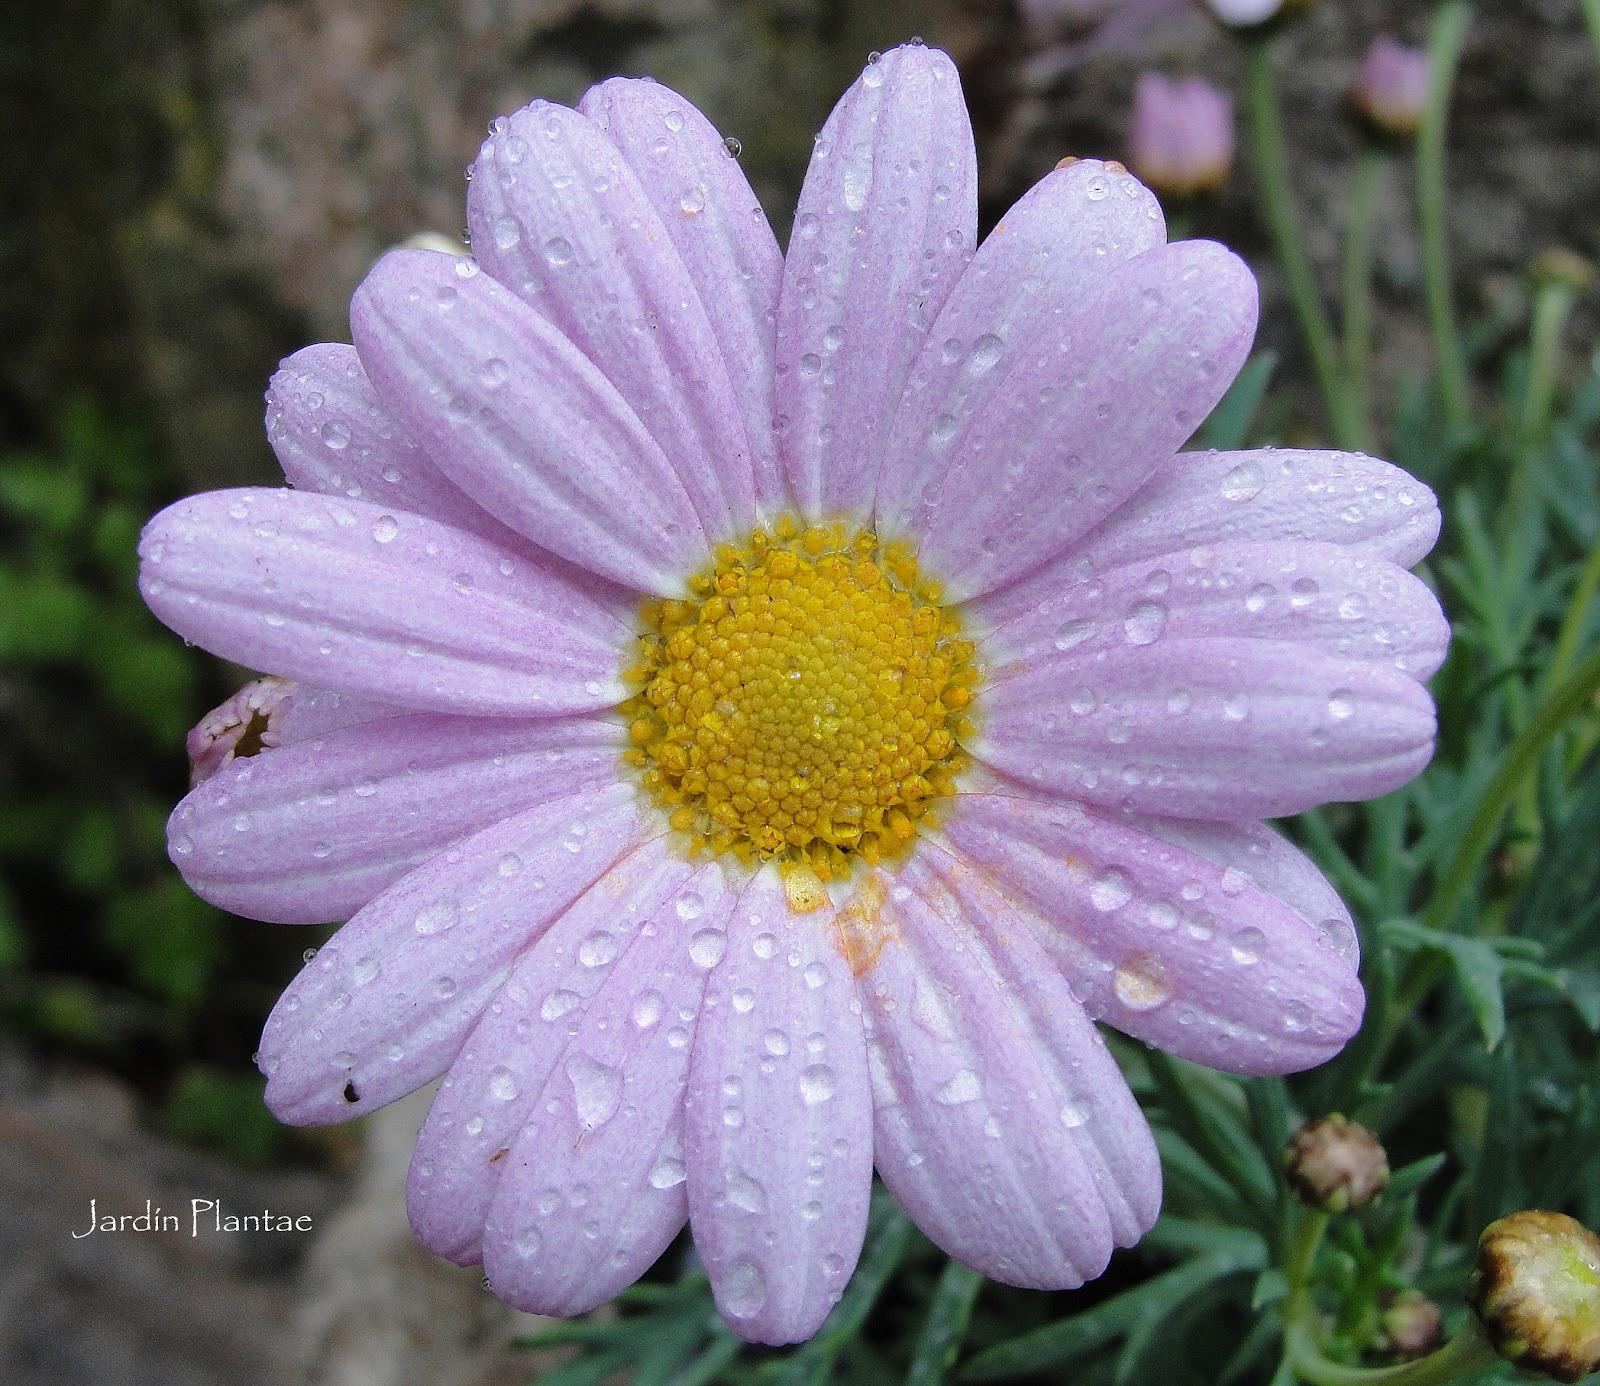 Jardiner a plantae crisantemos - Como cultivar crisantemos ...